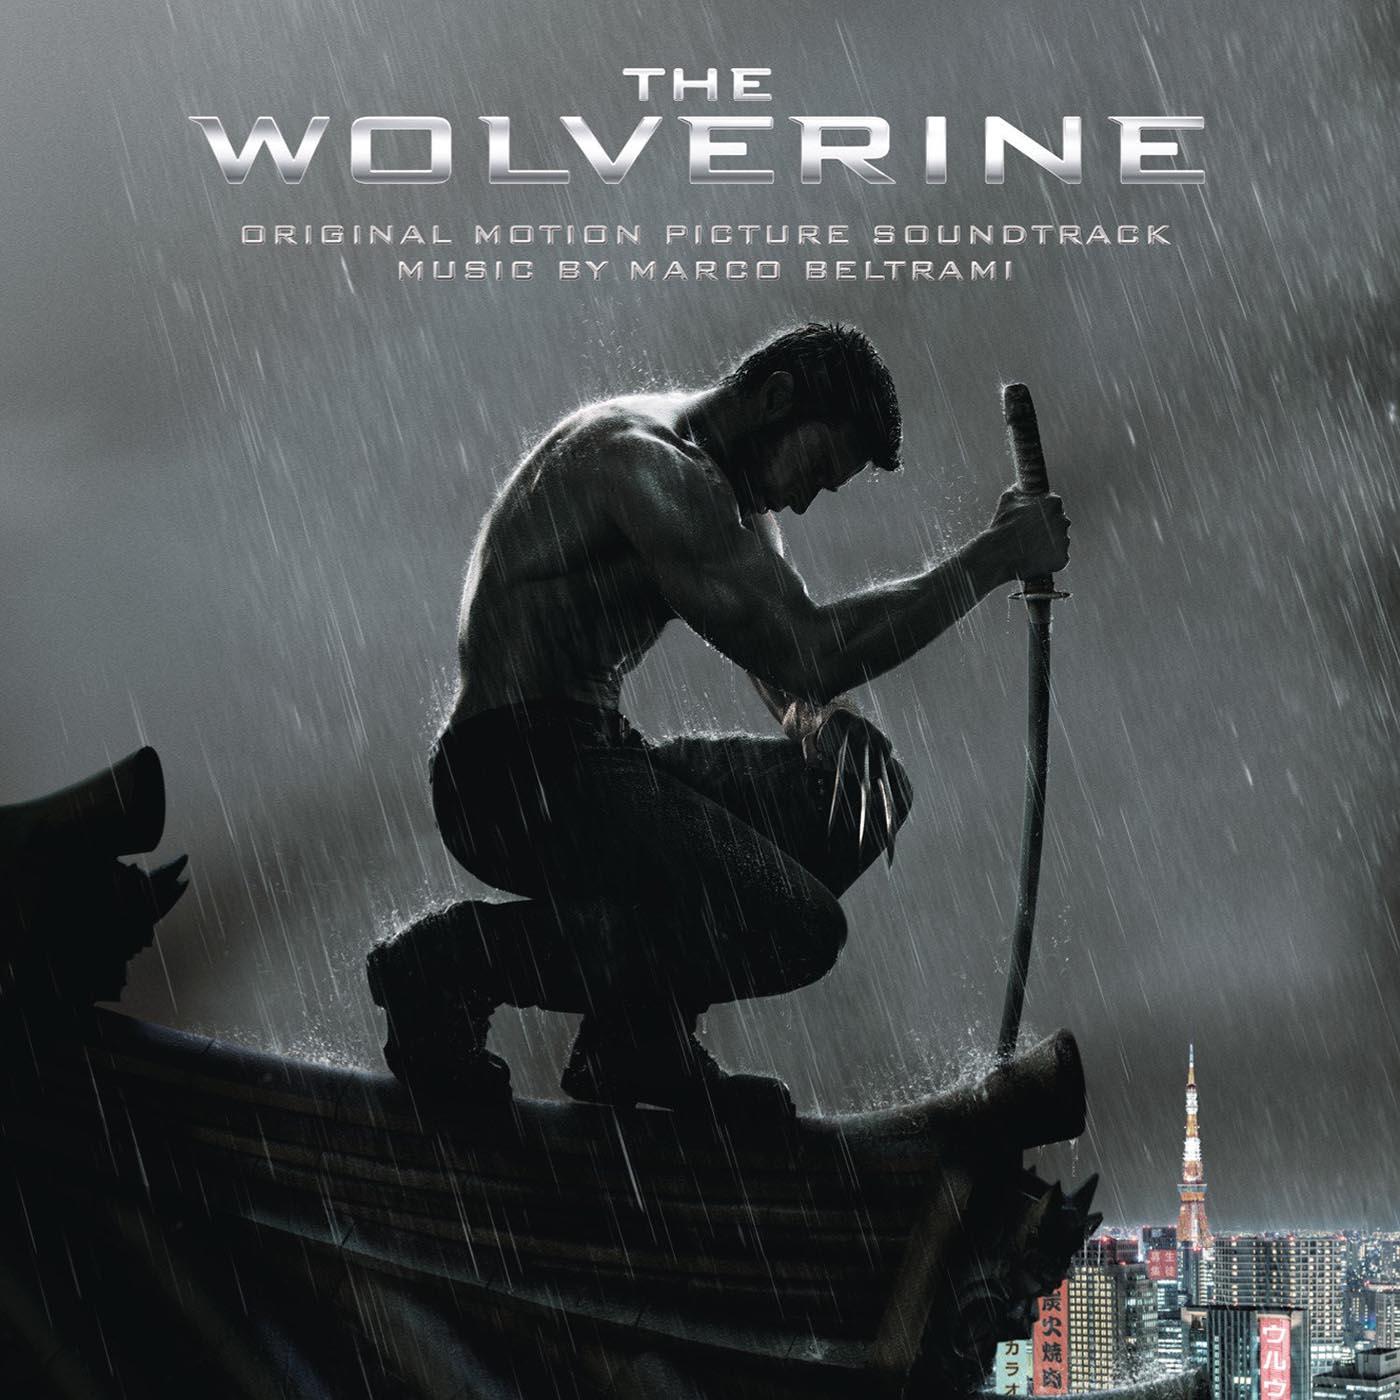 دانلود موسیقی متن ولورین - The Wolverine